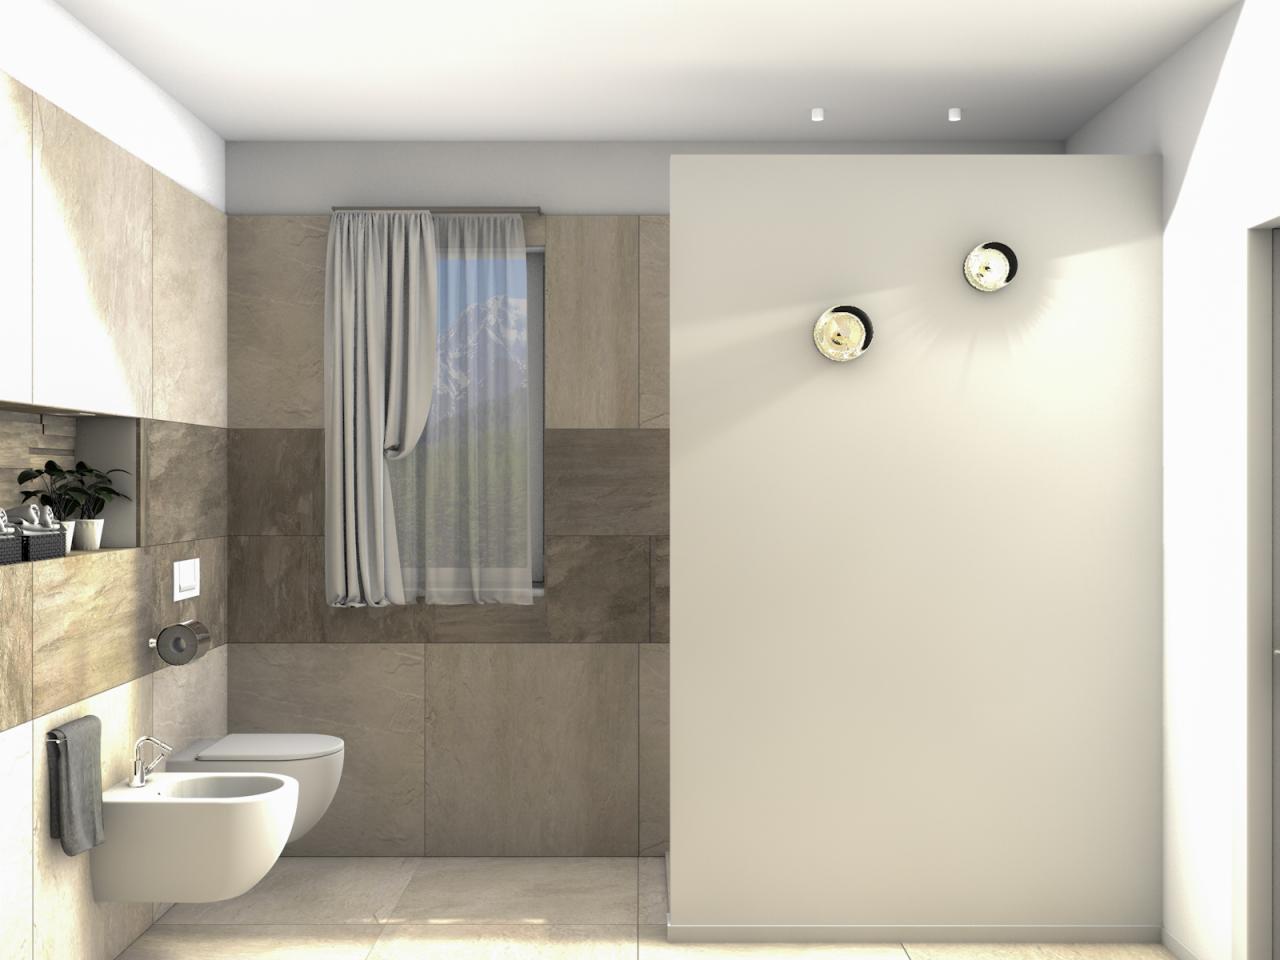 Facile Ristrutturare Opinioni Architetti progettare casa a vicenza: come è nata l'idea | fratelli